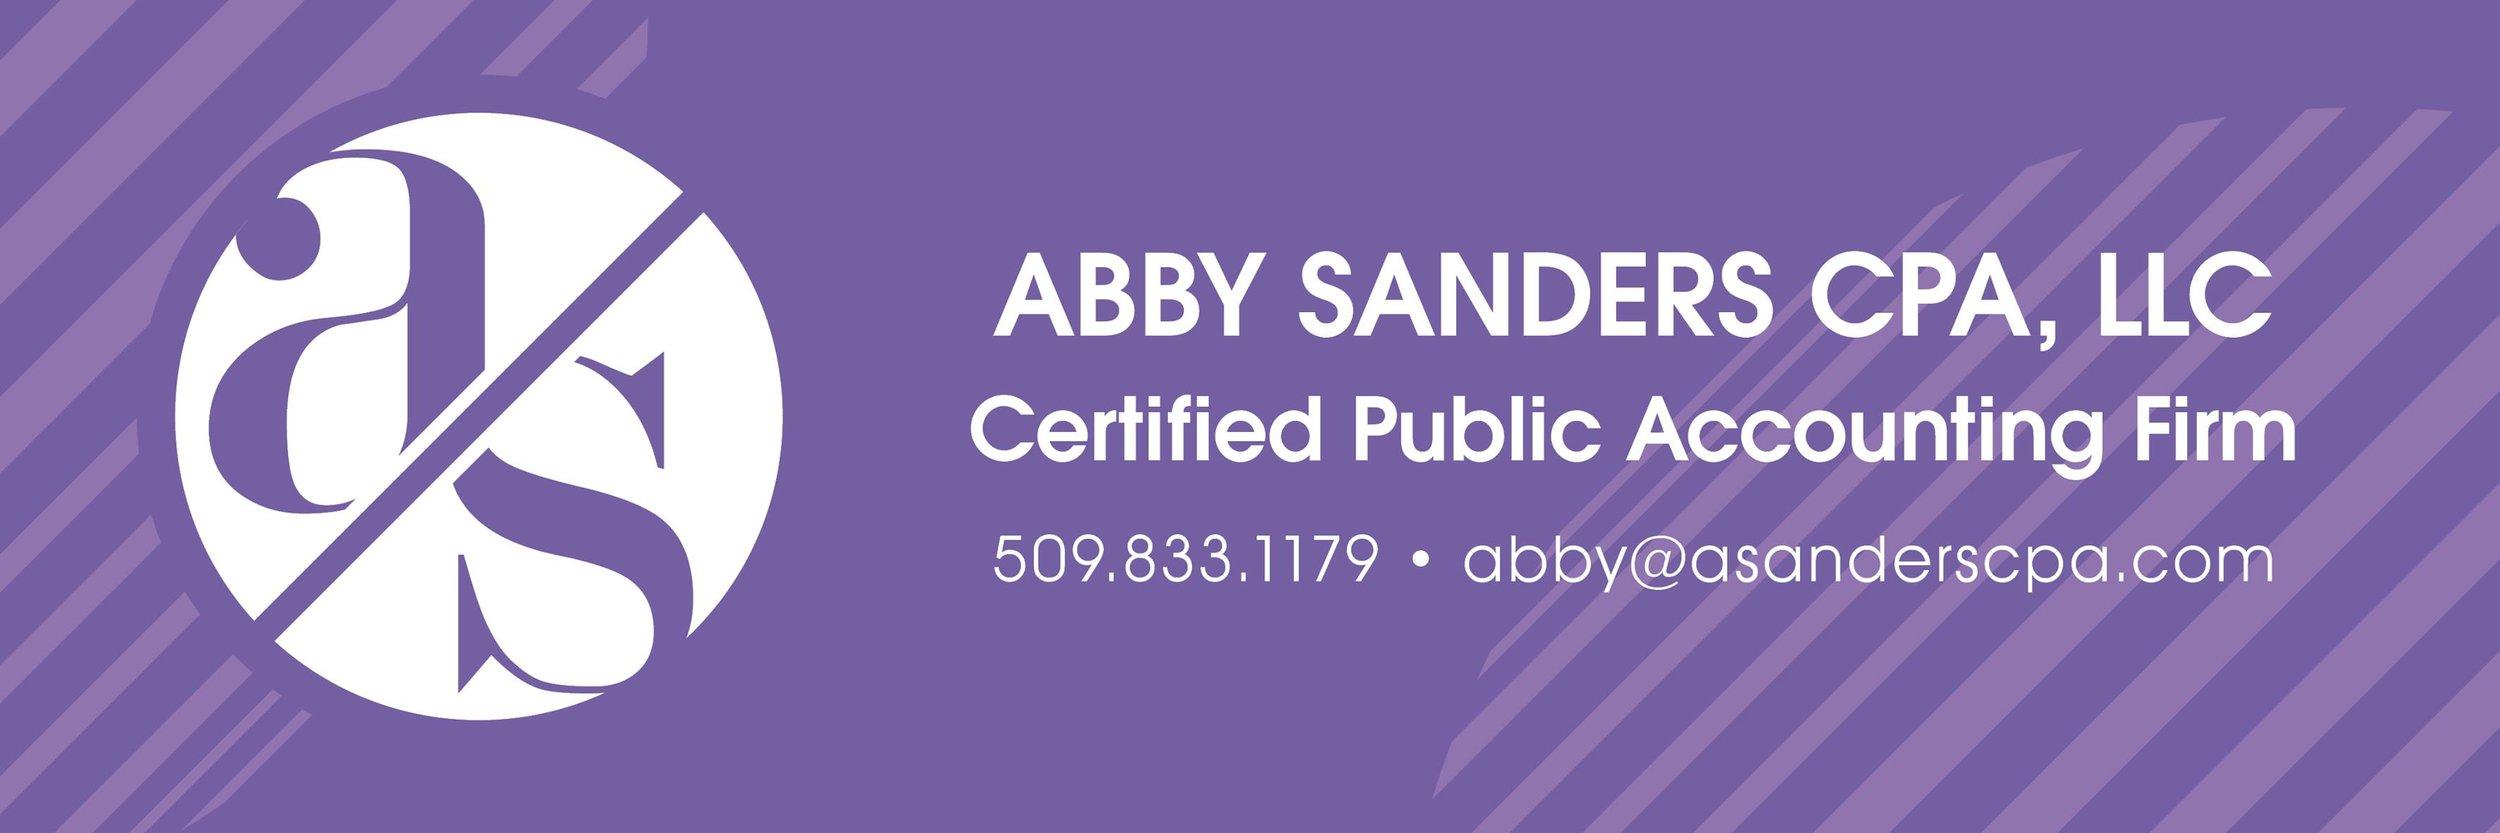 Abby Sanders.jpg